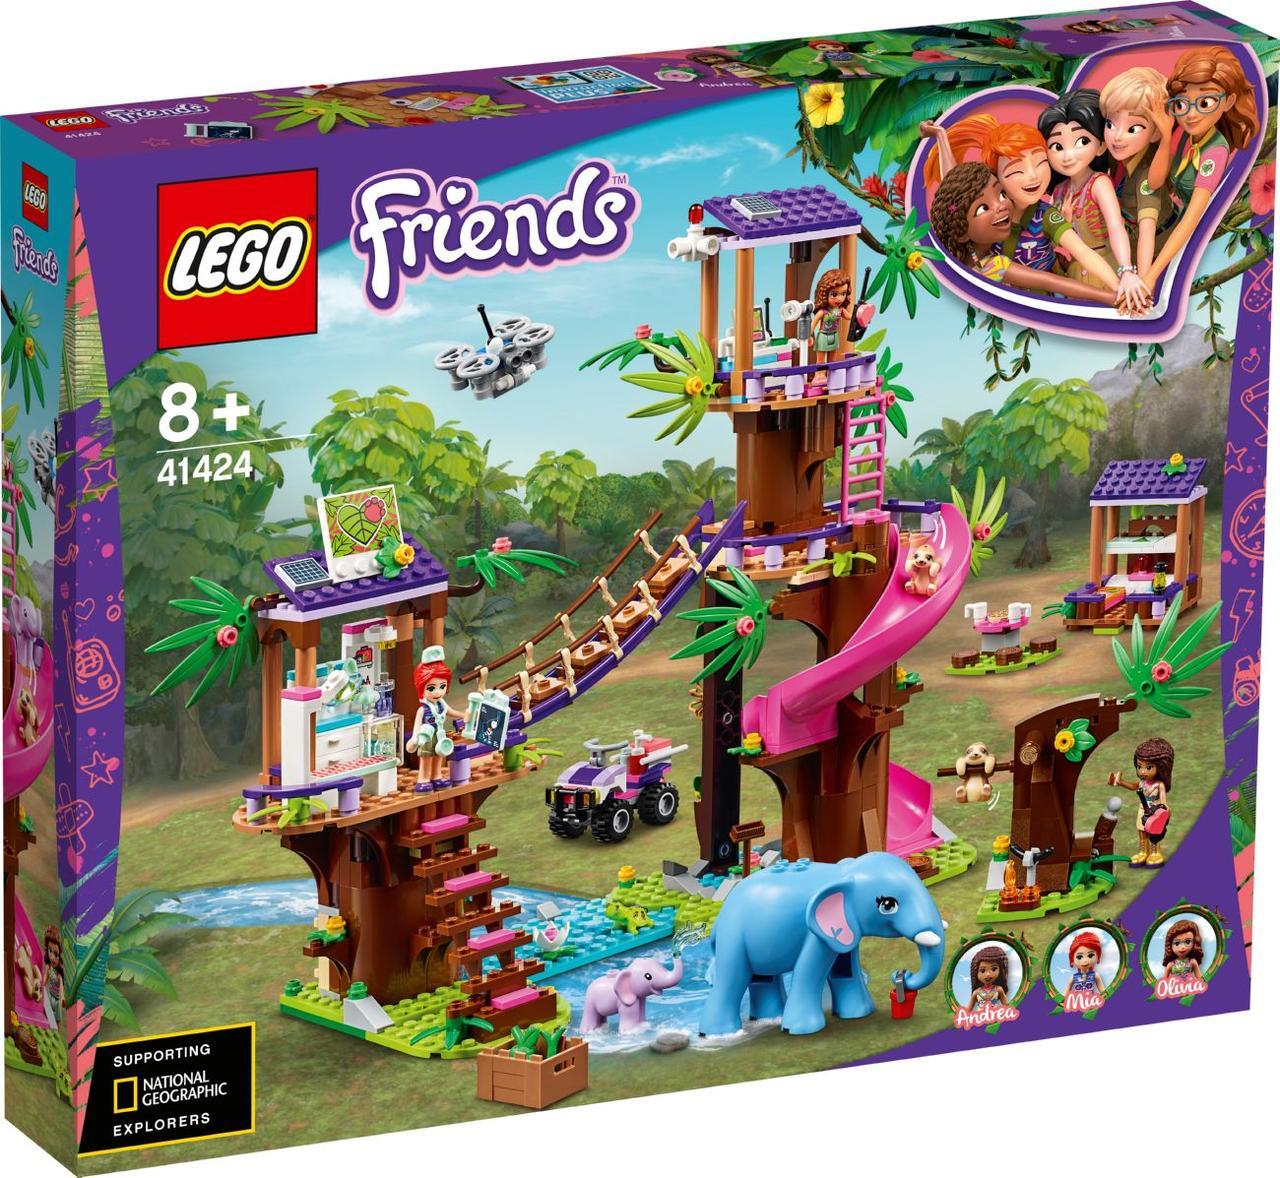 Lego Friends Джунглі: штаб рятувальників Лего френдс 41424